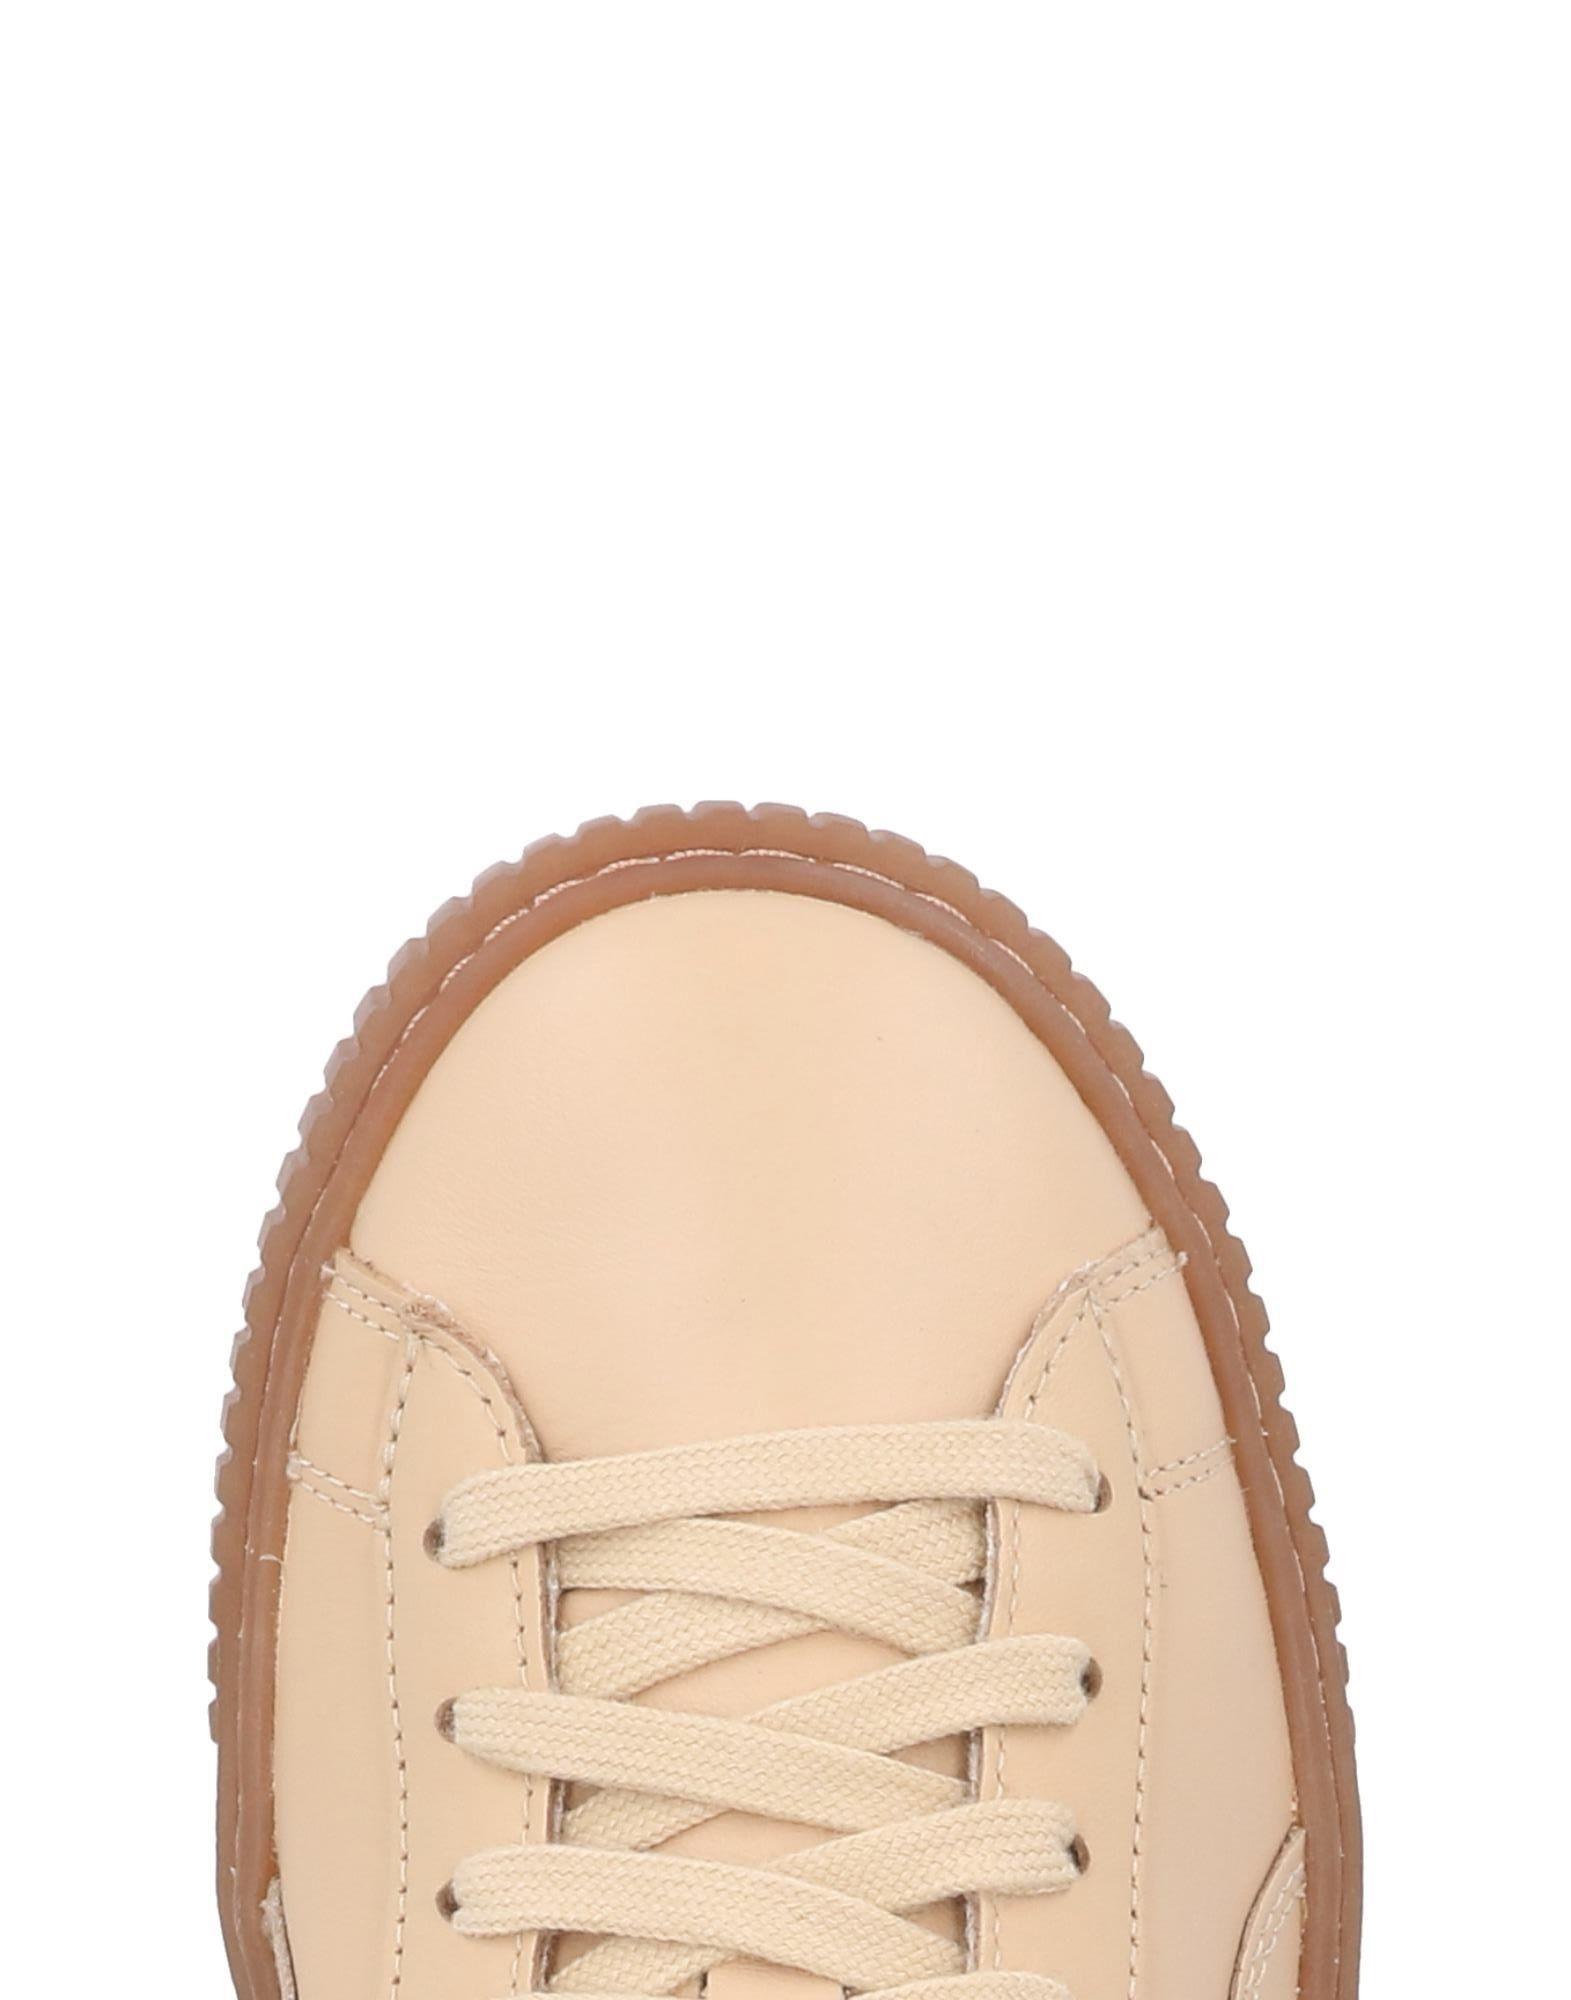 Puma X X Puma Naturel Sneakers Damen  11465495MJ Gute Qualität beliebte Schuhe 036eaa